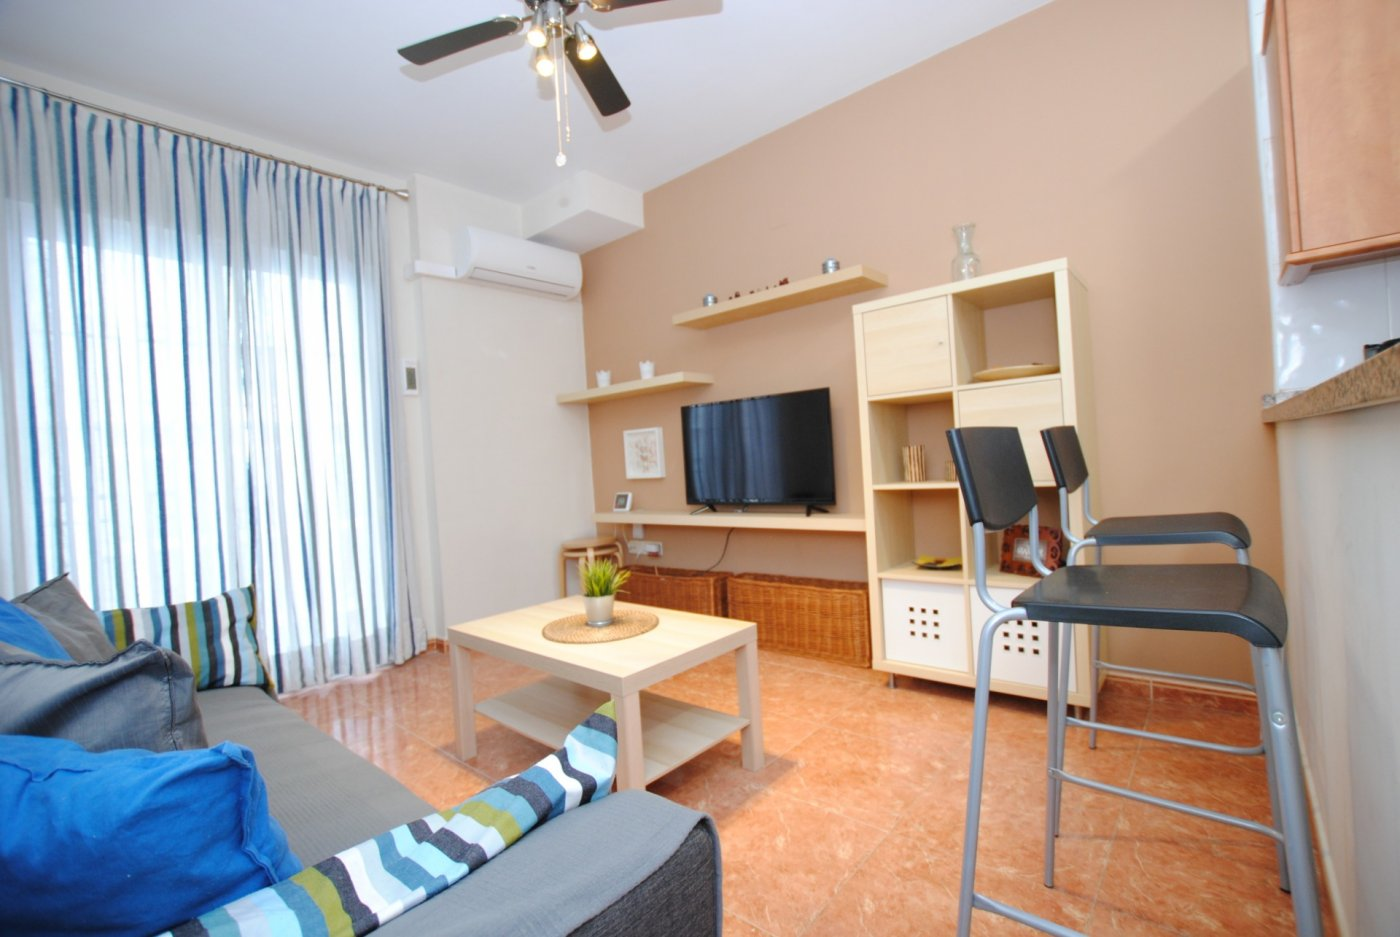 Apartamento en 2 linea de playa!!! - imagenInmueble1